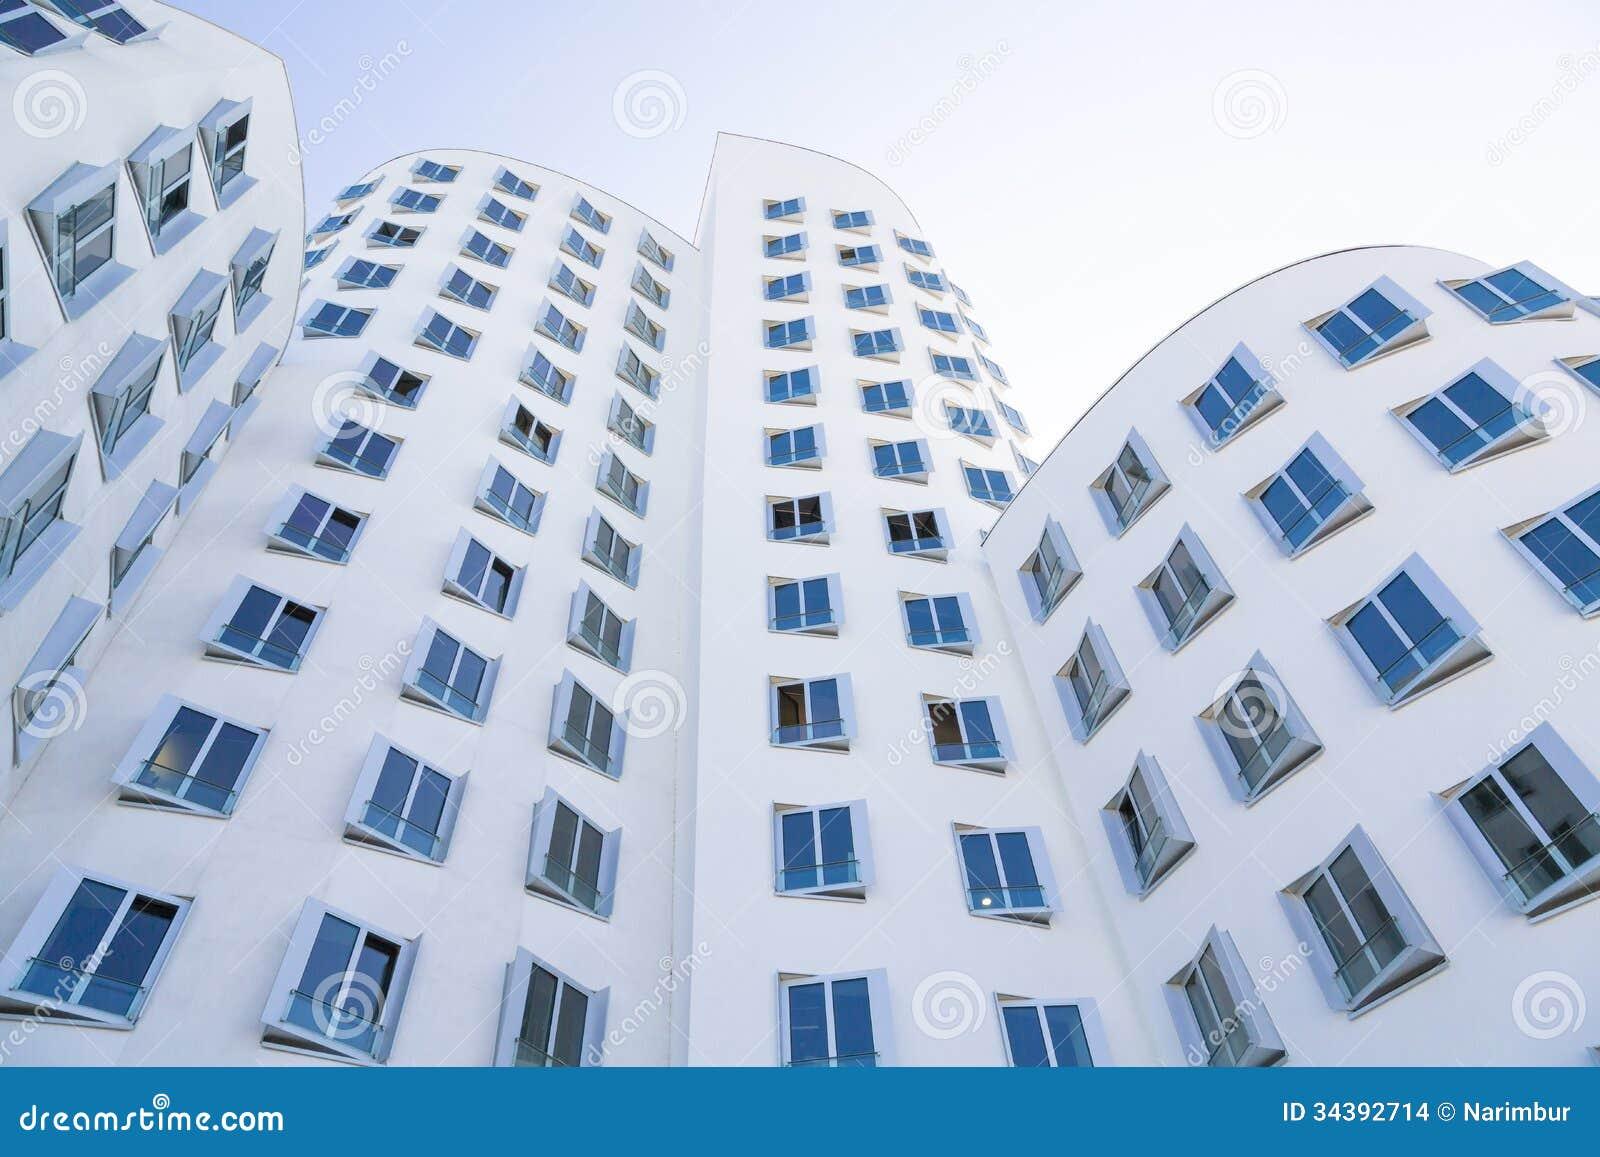 Casa blanca con las ventanas azules arquitectura moderna for Fachadas de casas con ventanas blancas